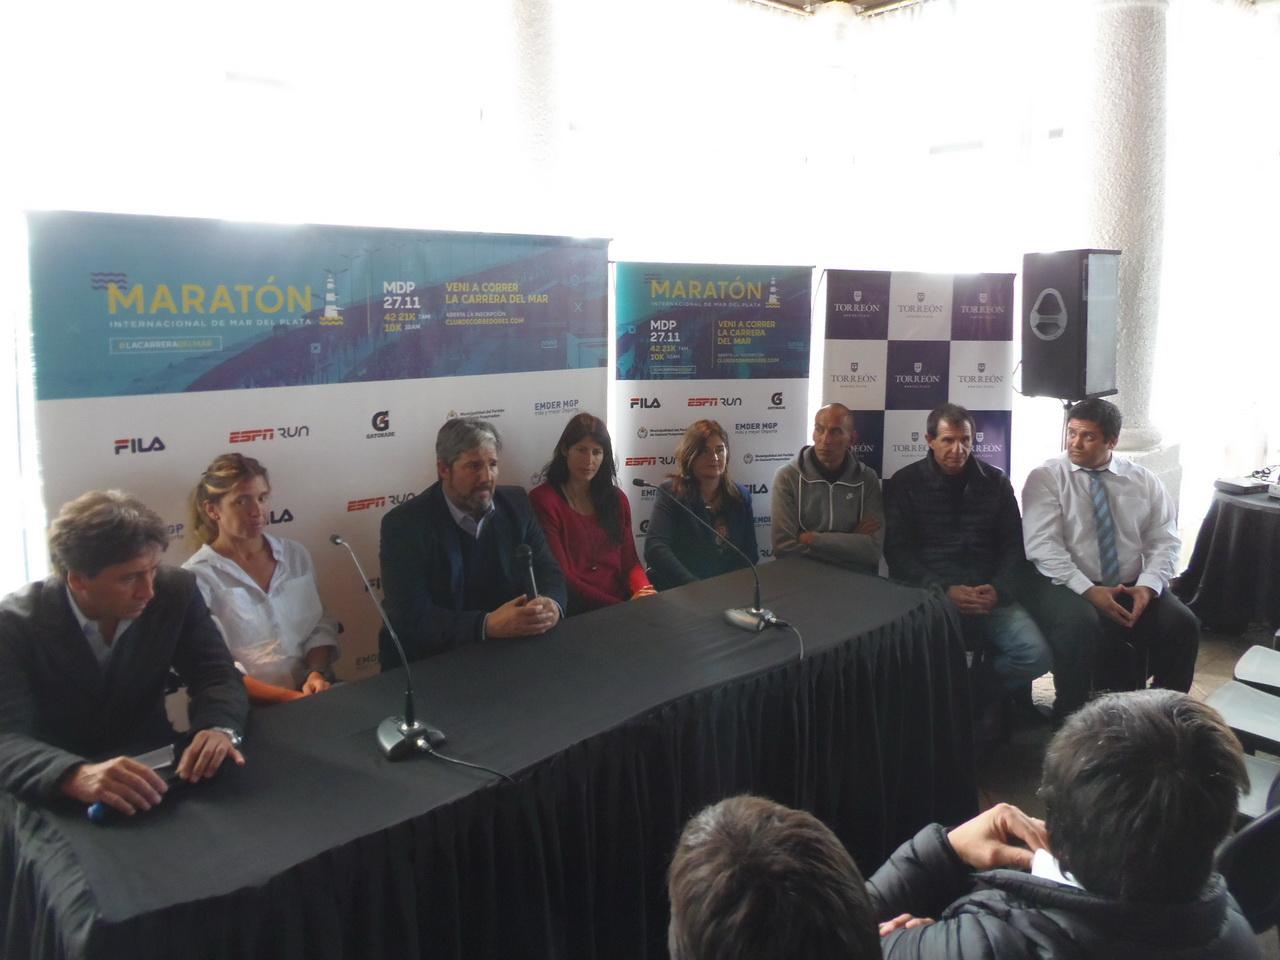 Esta tarde se presentó el Maratón Internacional de Mar del Plata.